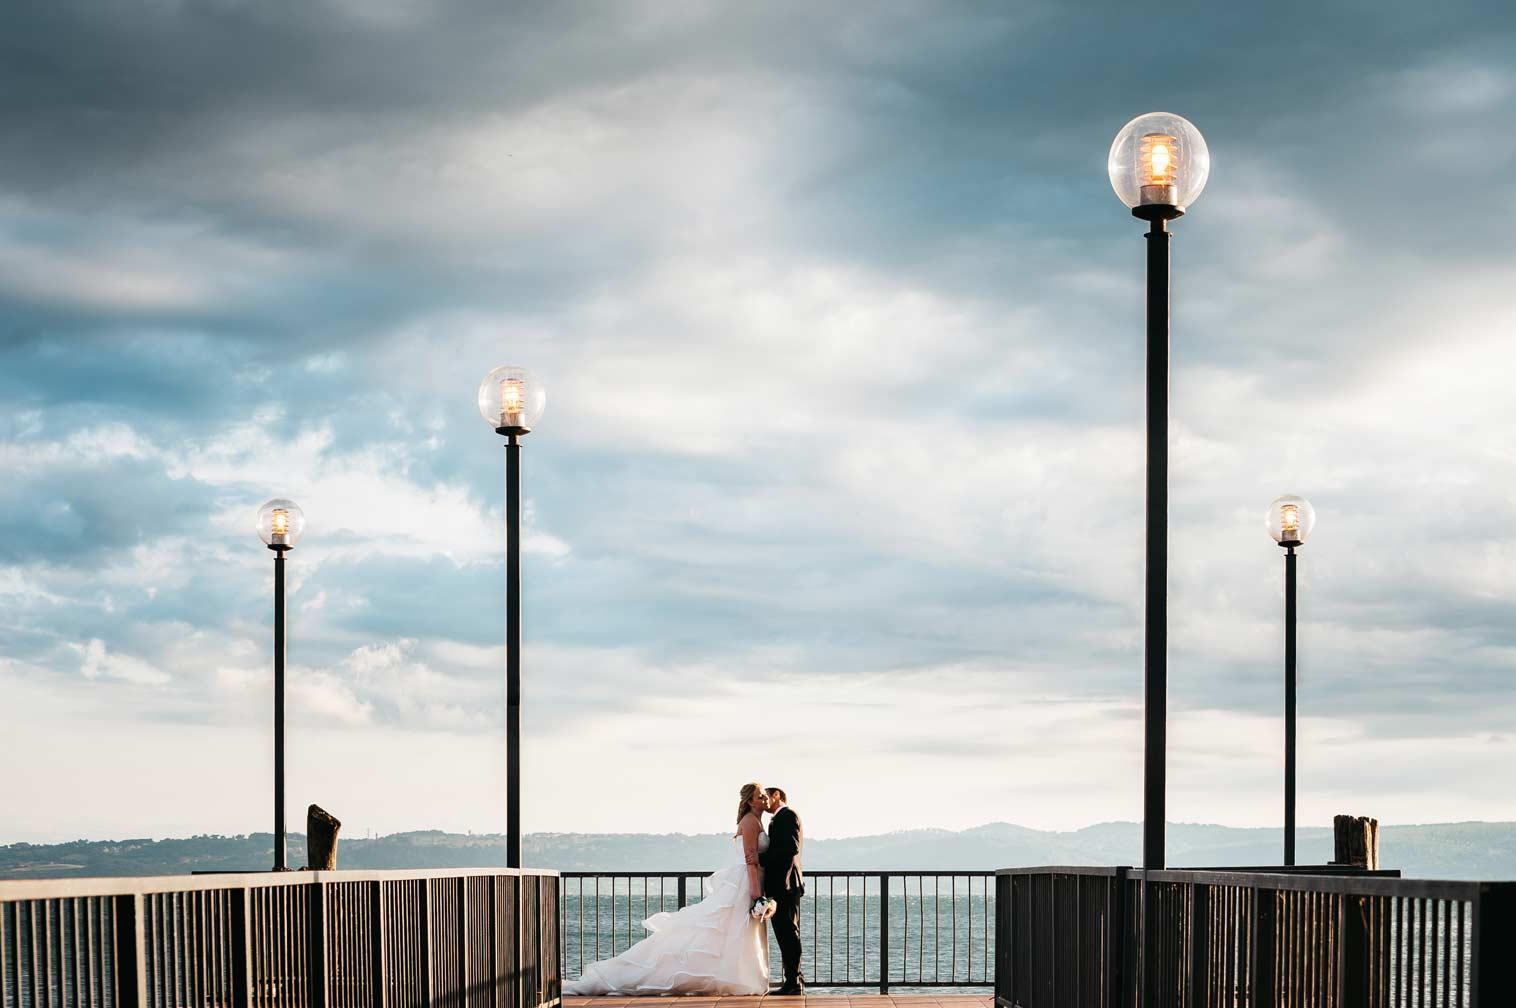 Reportage-Matrimonio-Fotografo-Ritratti